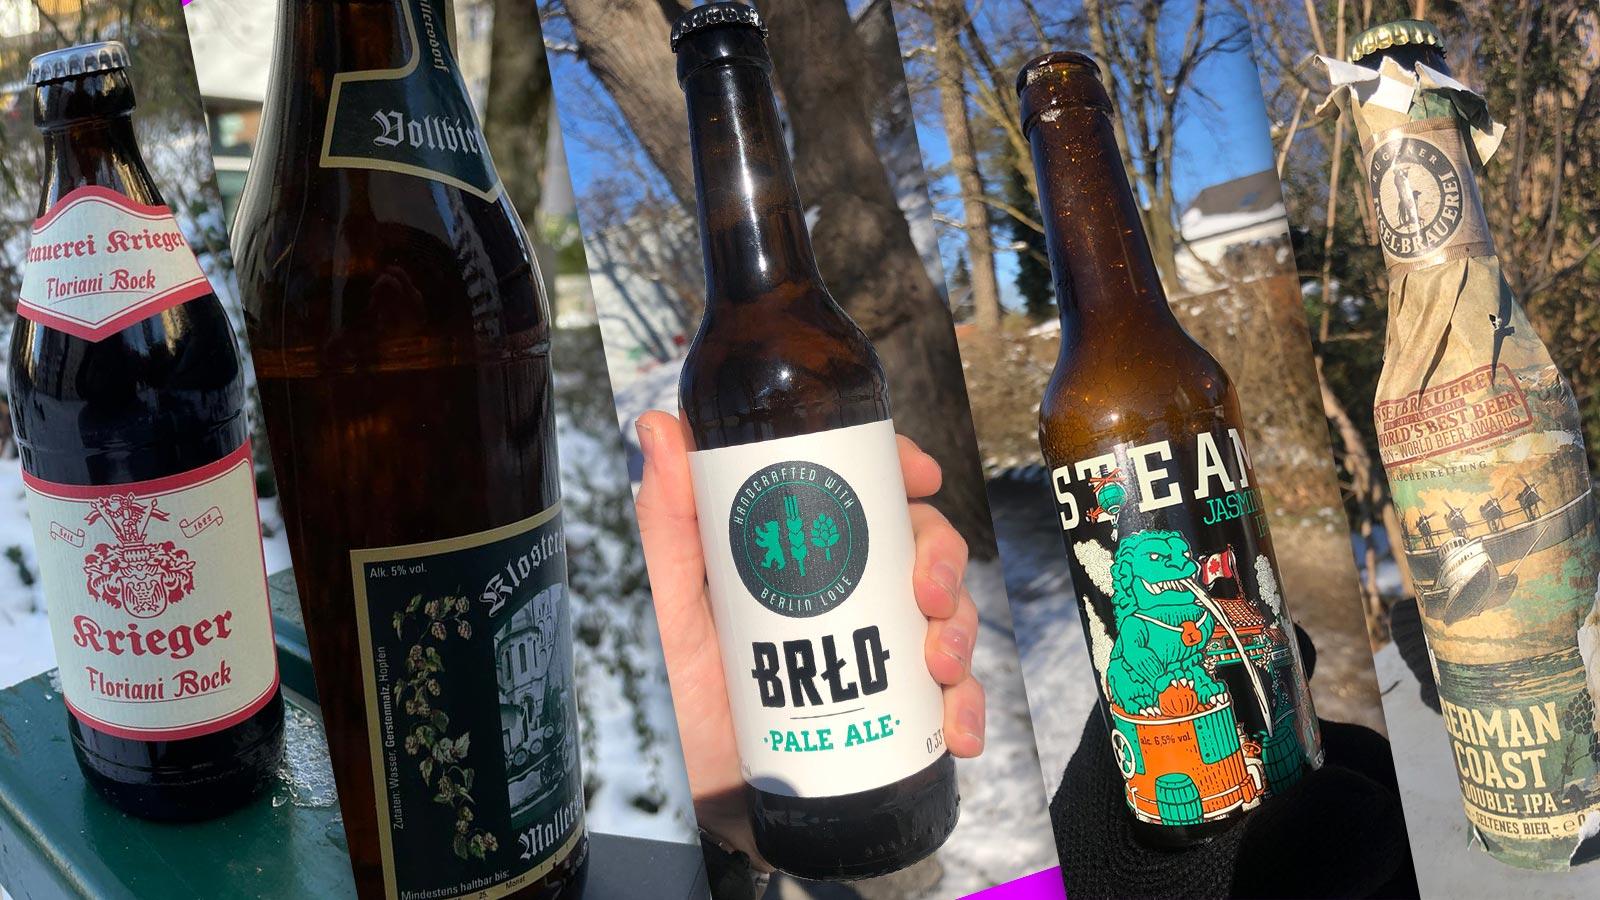 Jetzt wirds wild – sind das Craft Biere? |Johannes Ulrich Gehrke